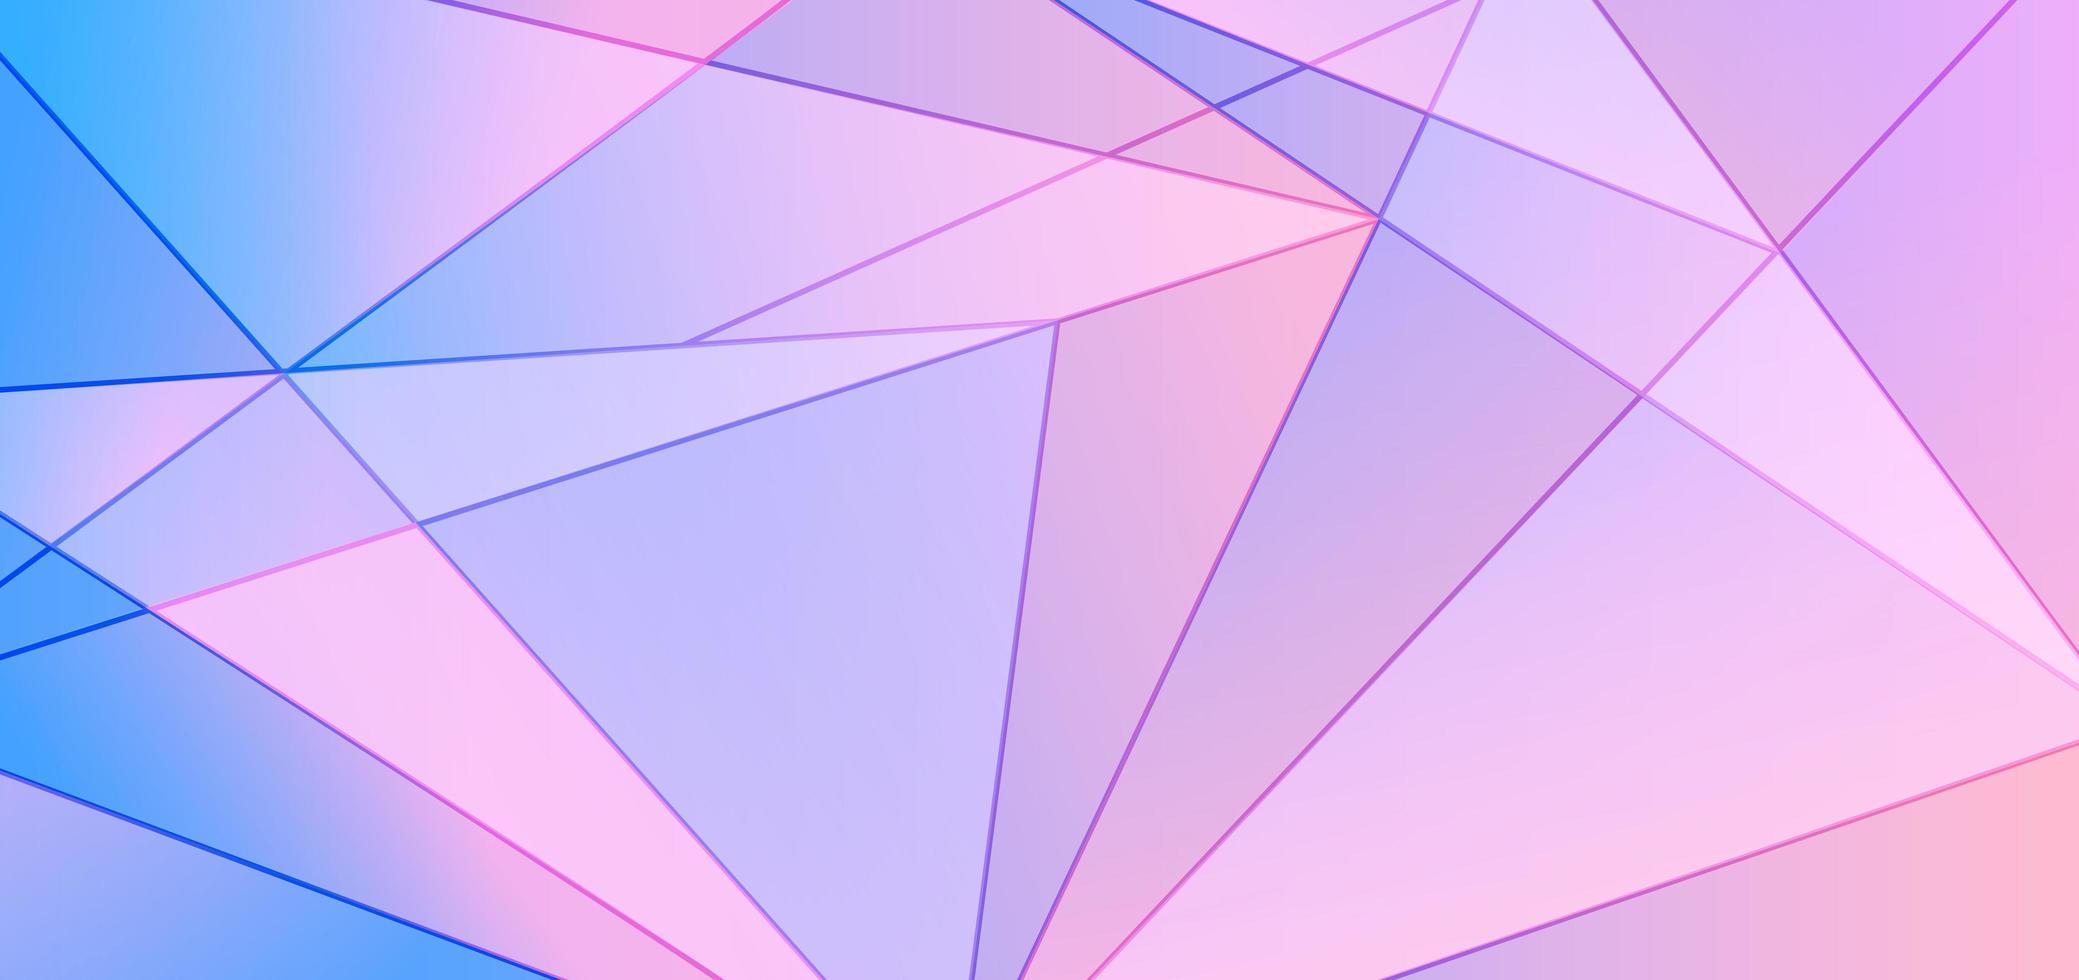 astratto blu e rosa sfumato poligonale pattern di sfondo e texture. forme triangolari low poly mosiac in design casuale vettore